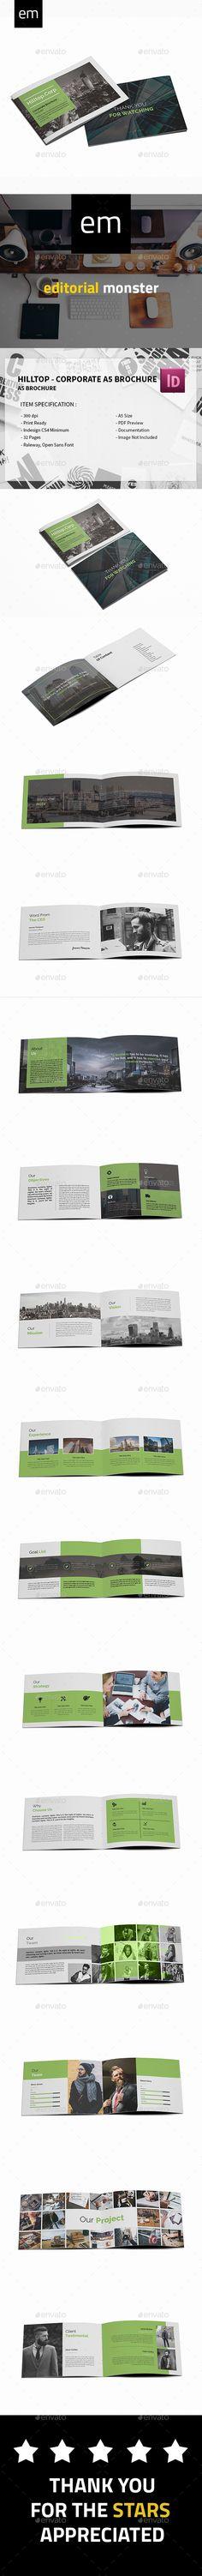 Hilltop - Corporate A5 Brochure